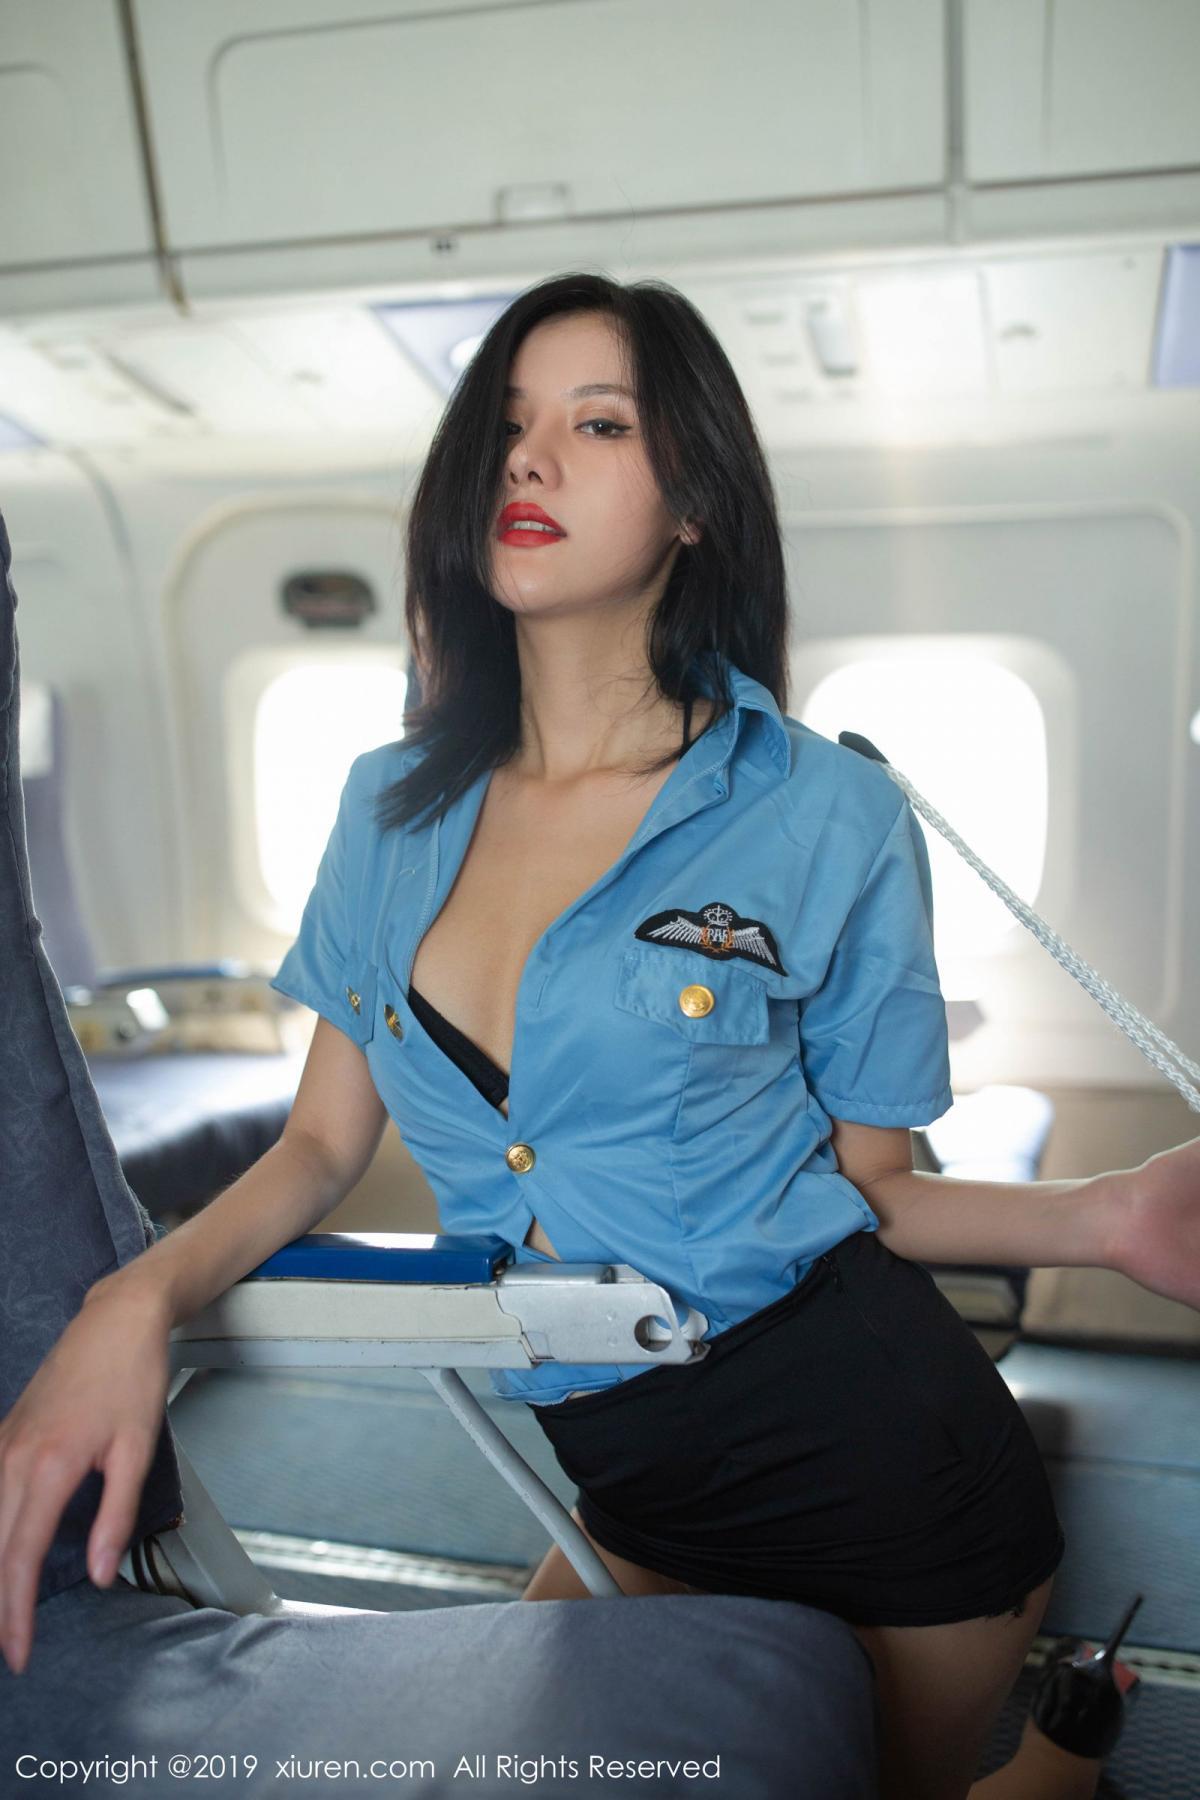 [XiuRen] Vol.1781 Jiu Shi A Zhu 43P, Jiu Shi A Zhu, Stewardess, Uniform, Xiuren